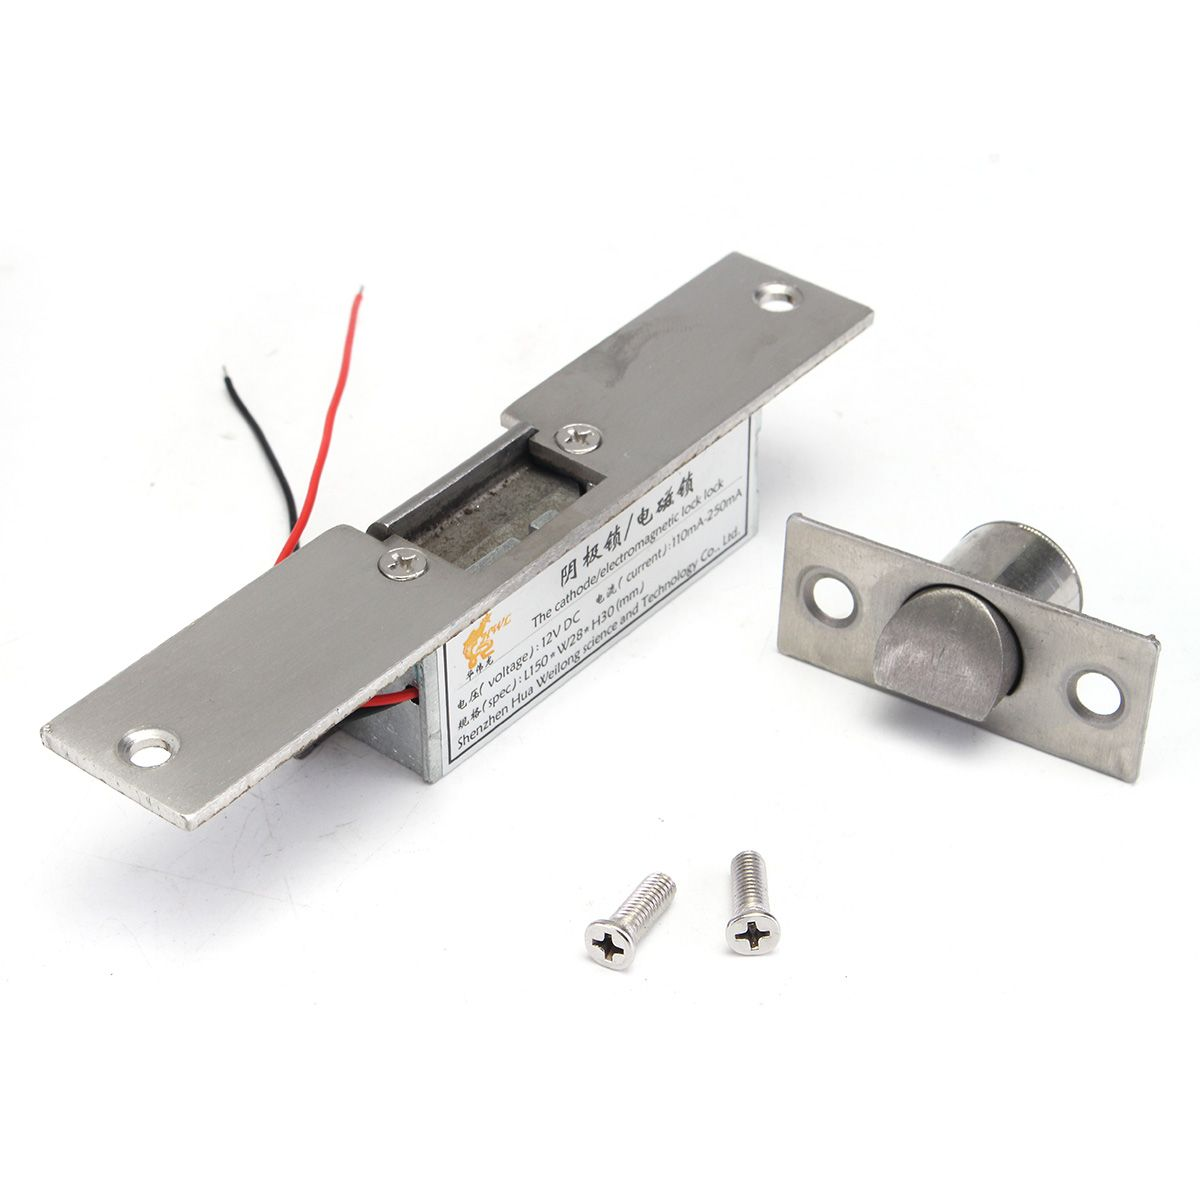 Nieuwe Safurance 12 V Fail Safe Nc Kathode Elektrische Strike Lock Voor Toegangscontrole Hout Metalen Deur Home Security Metal Door